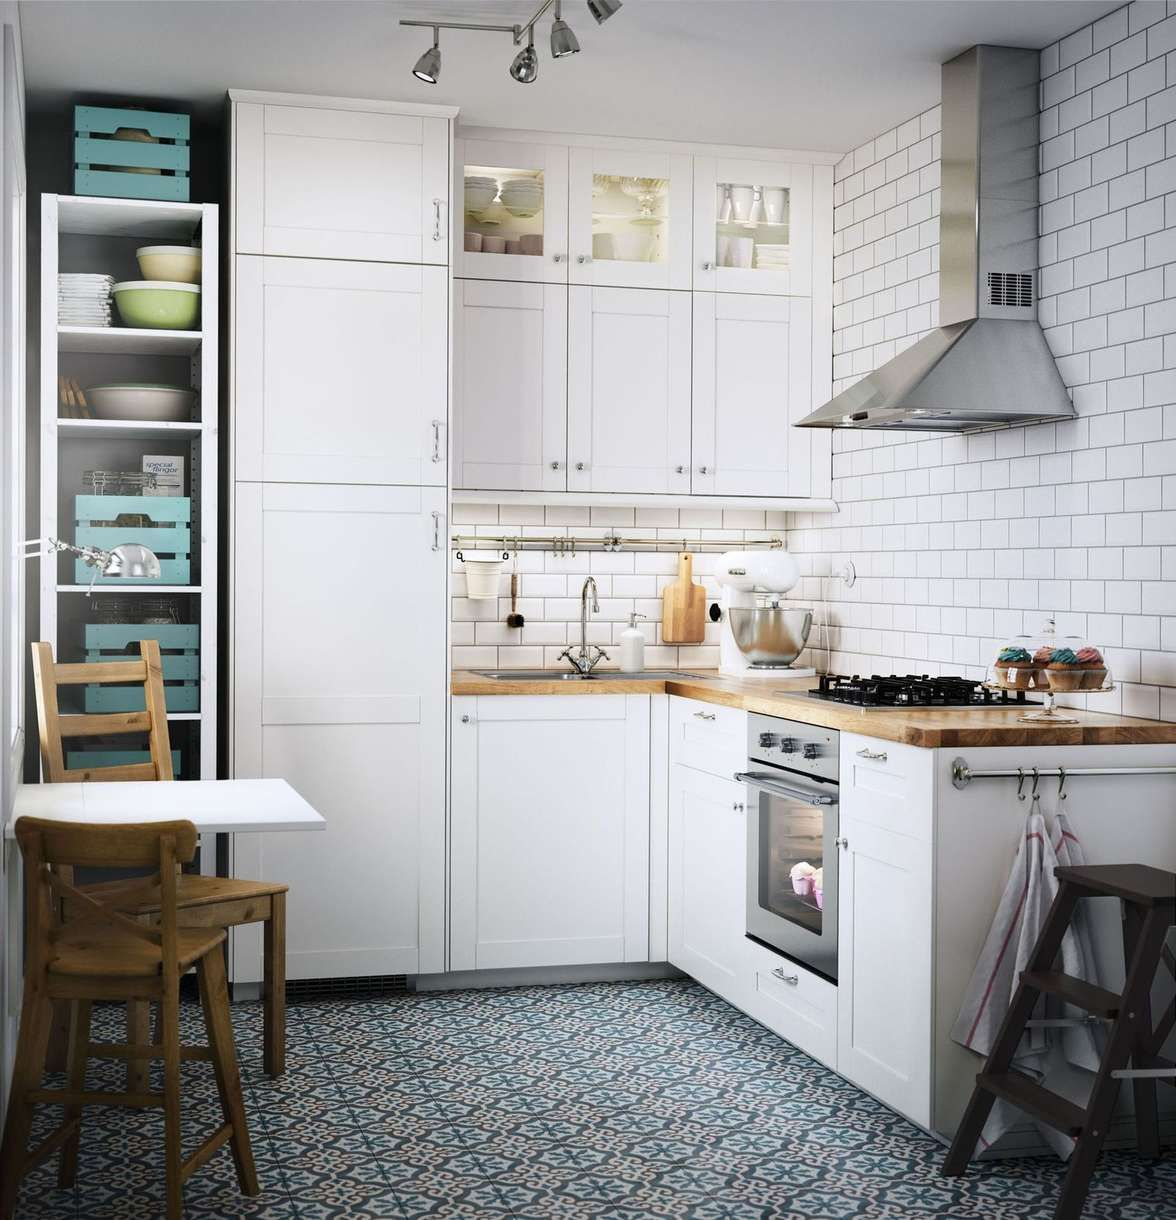 Design Idee Decoration Cuisine Ikea